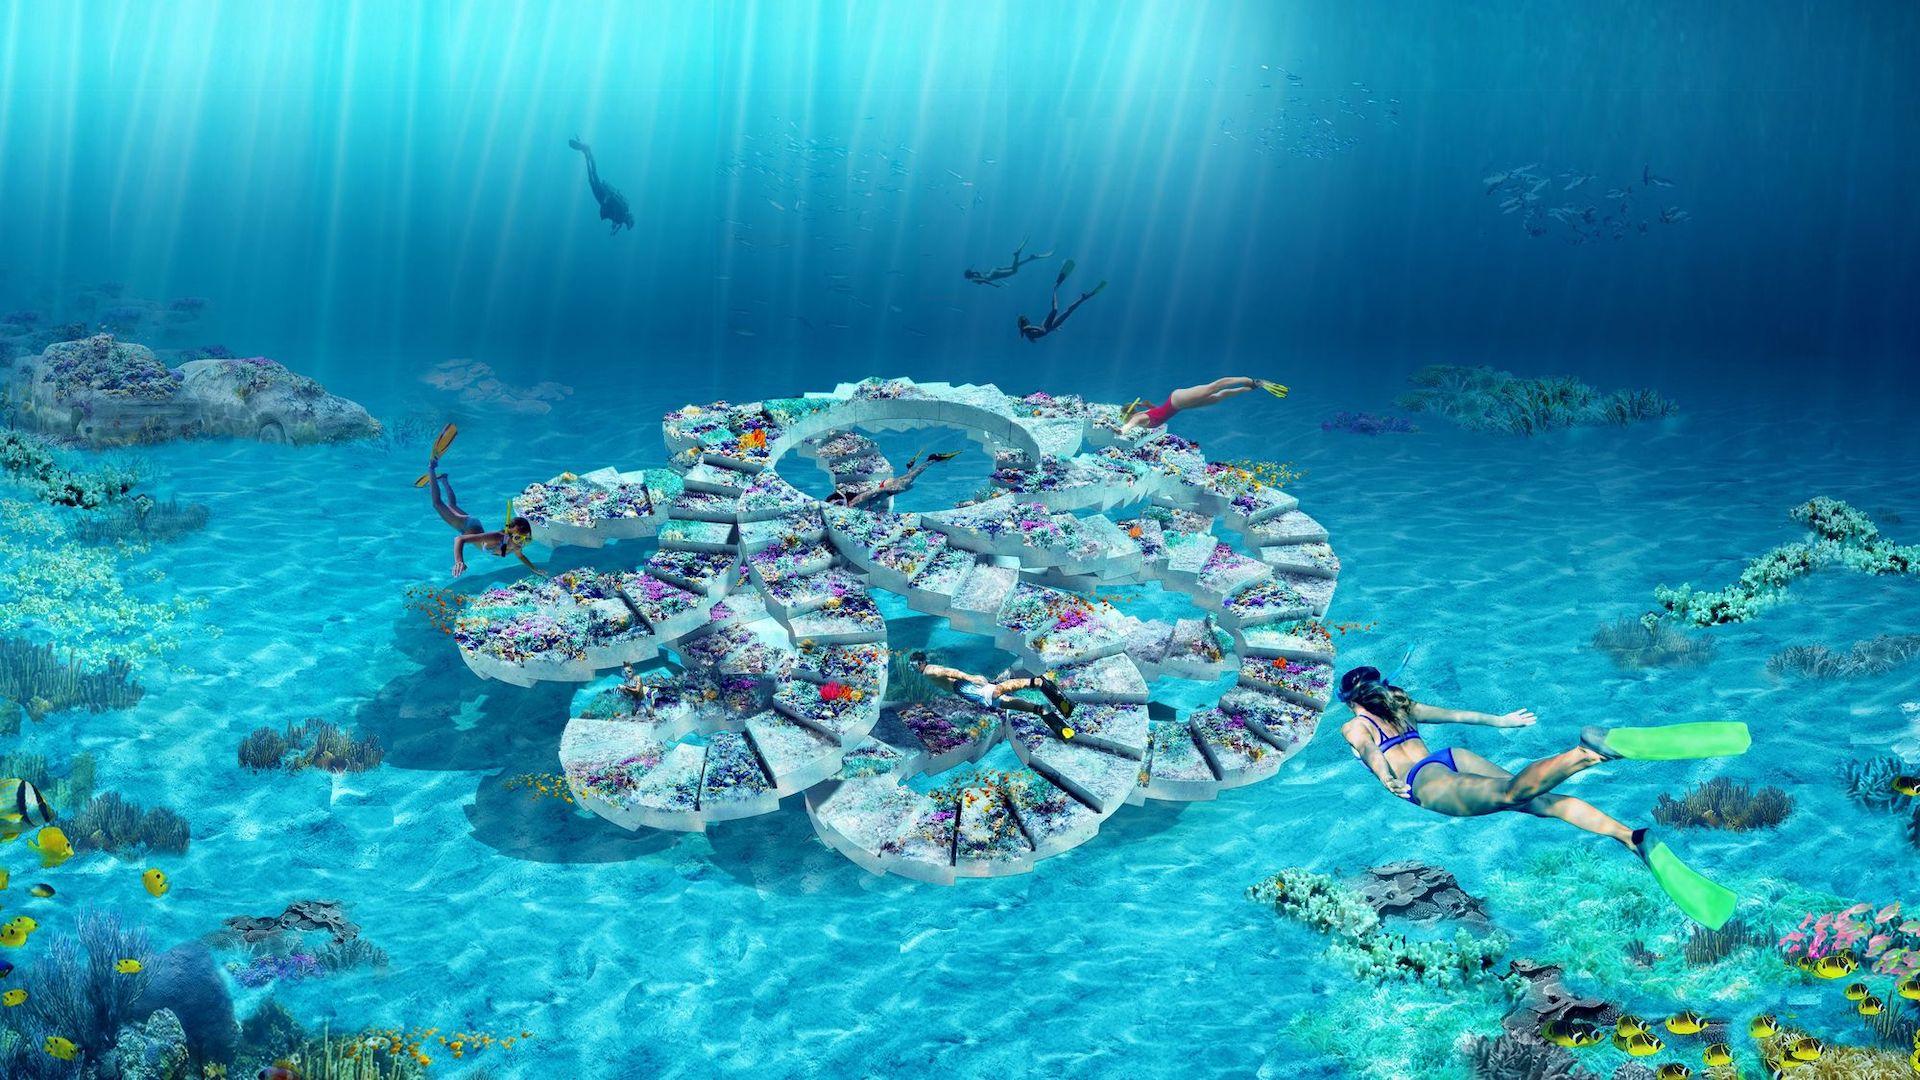 Viajar a Miami tendrá un plus: Reefline, esculturas submarinas en la costa